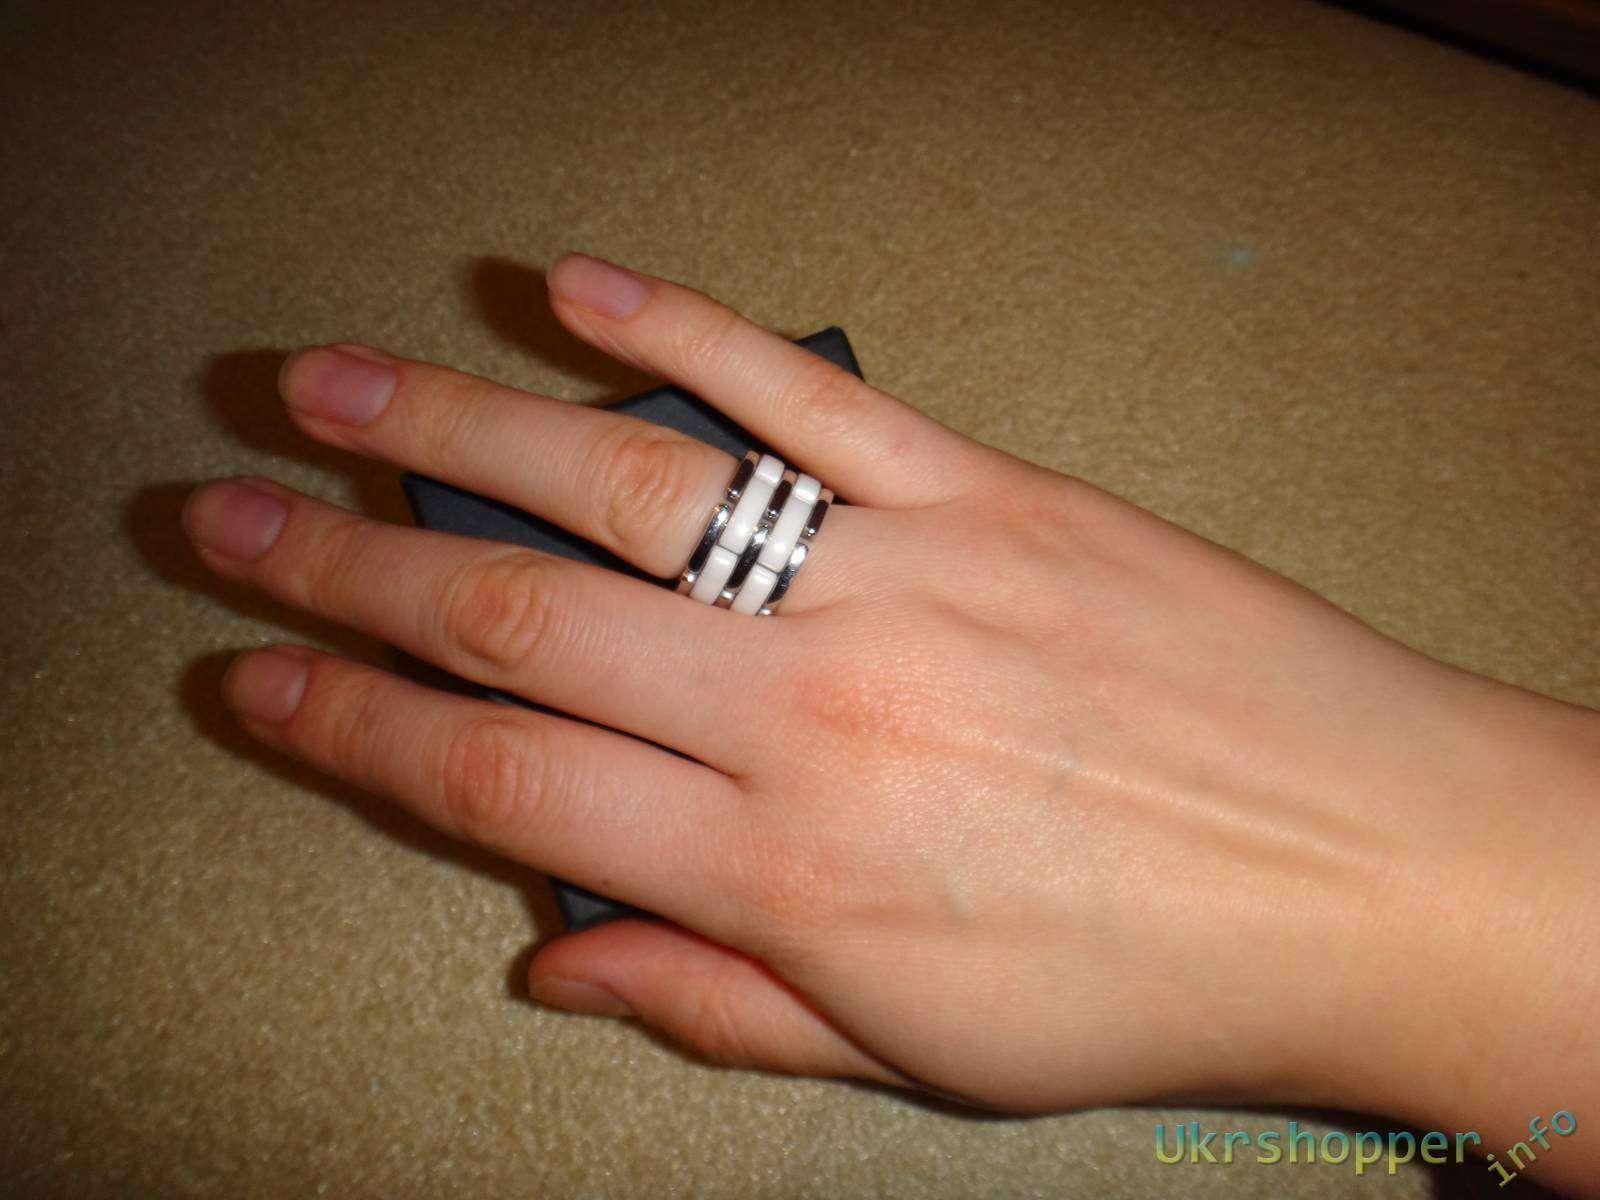 TaoBao: Обзор кольца реплики Сhanel с керамическими вставками.